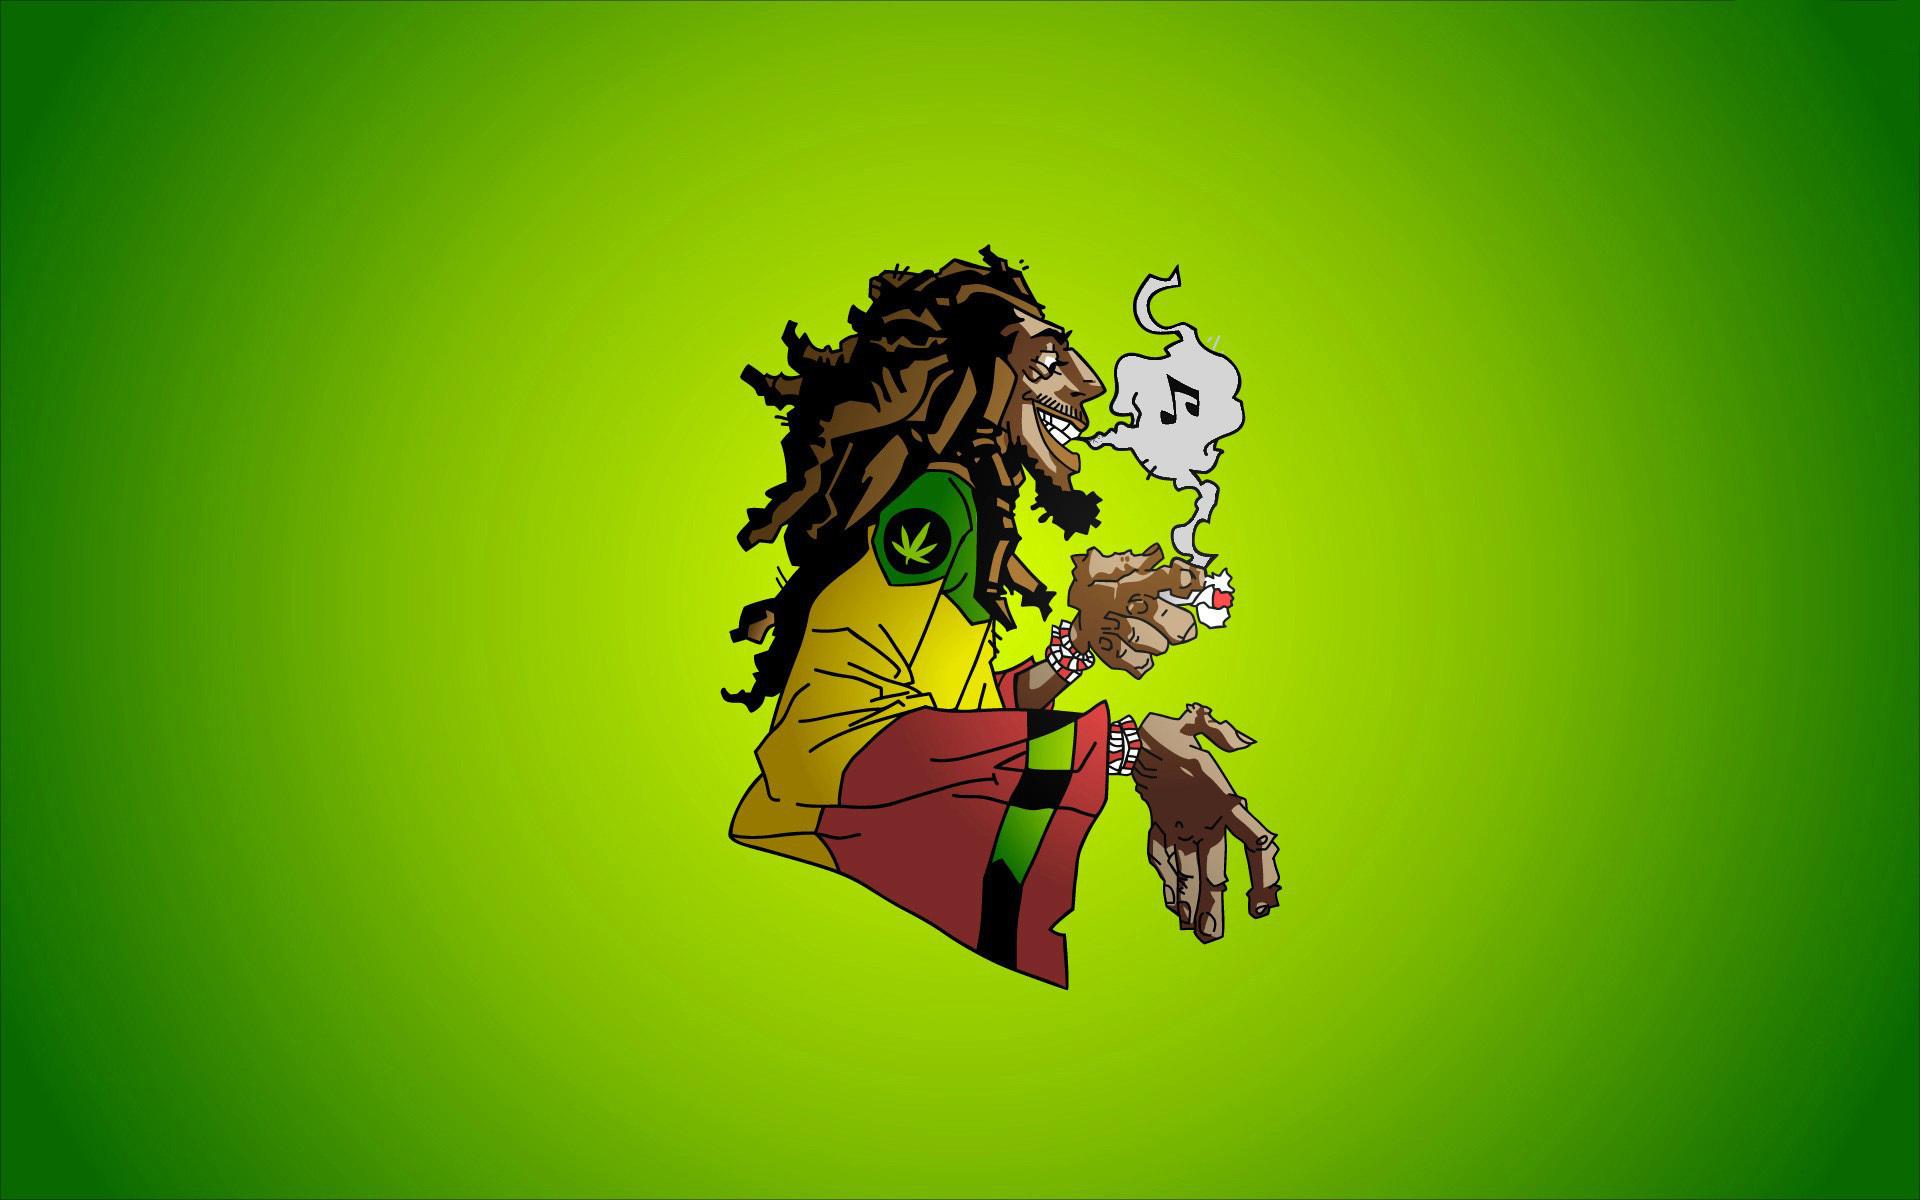 Caricatura de Bob Marley - 1920x1200